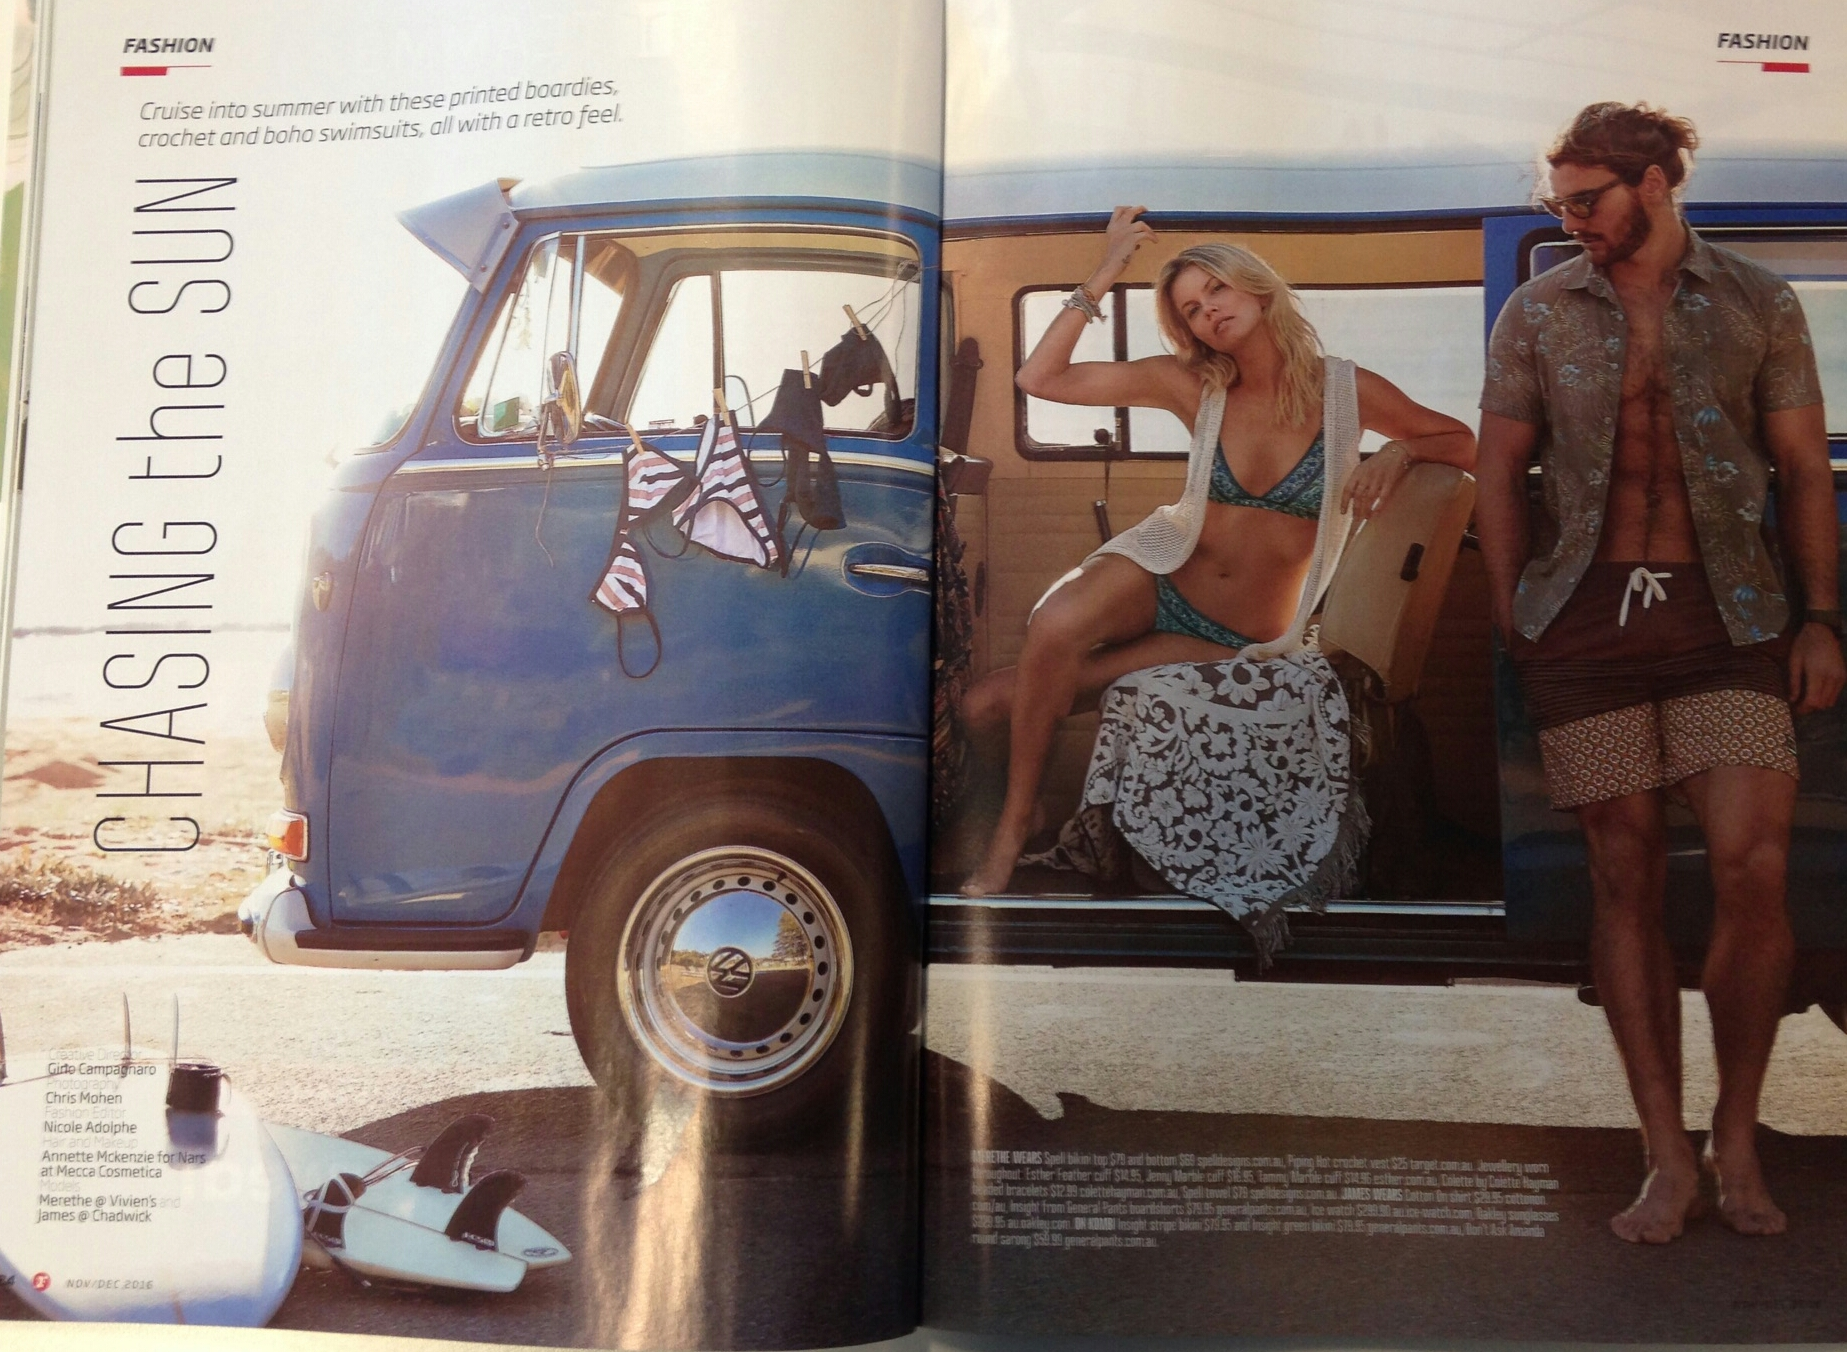 Kombi 'Jo' in a beachwear photoshoot -